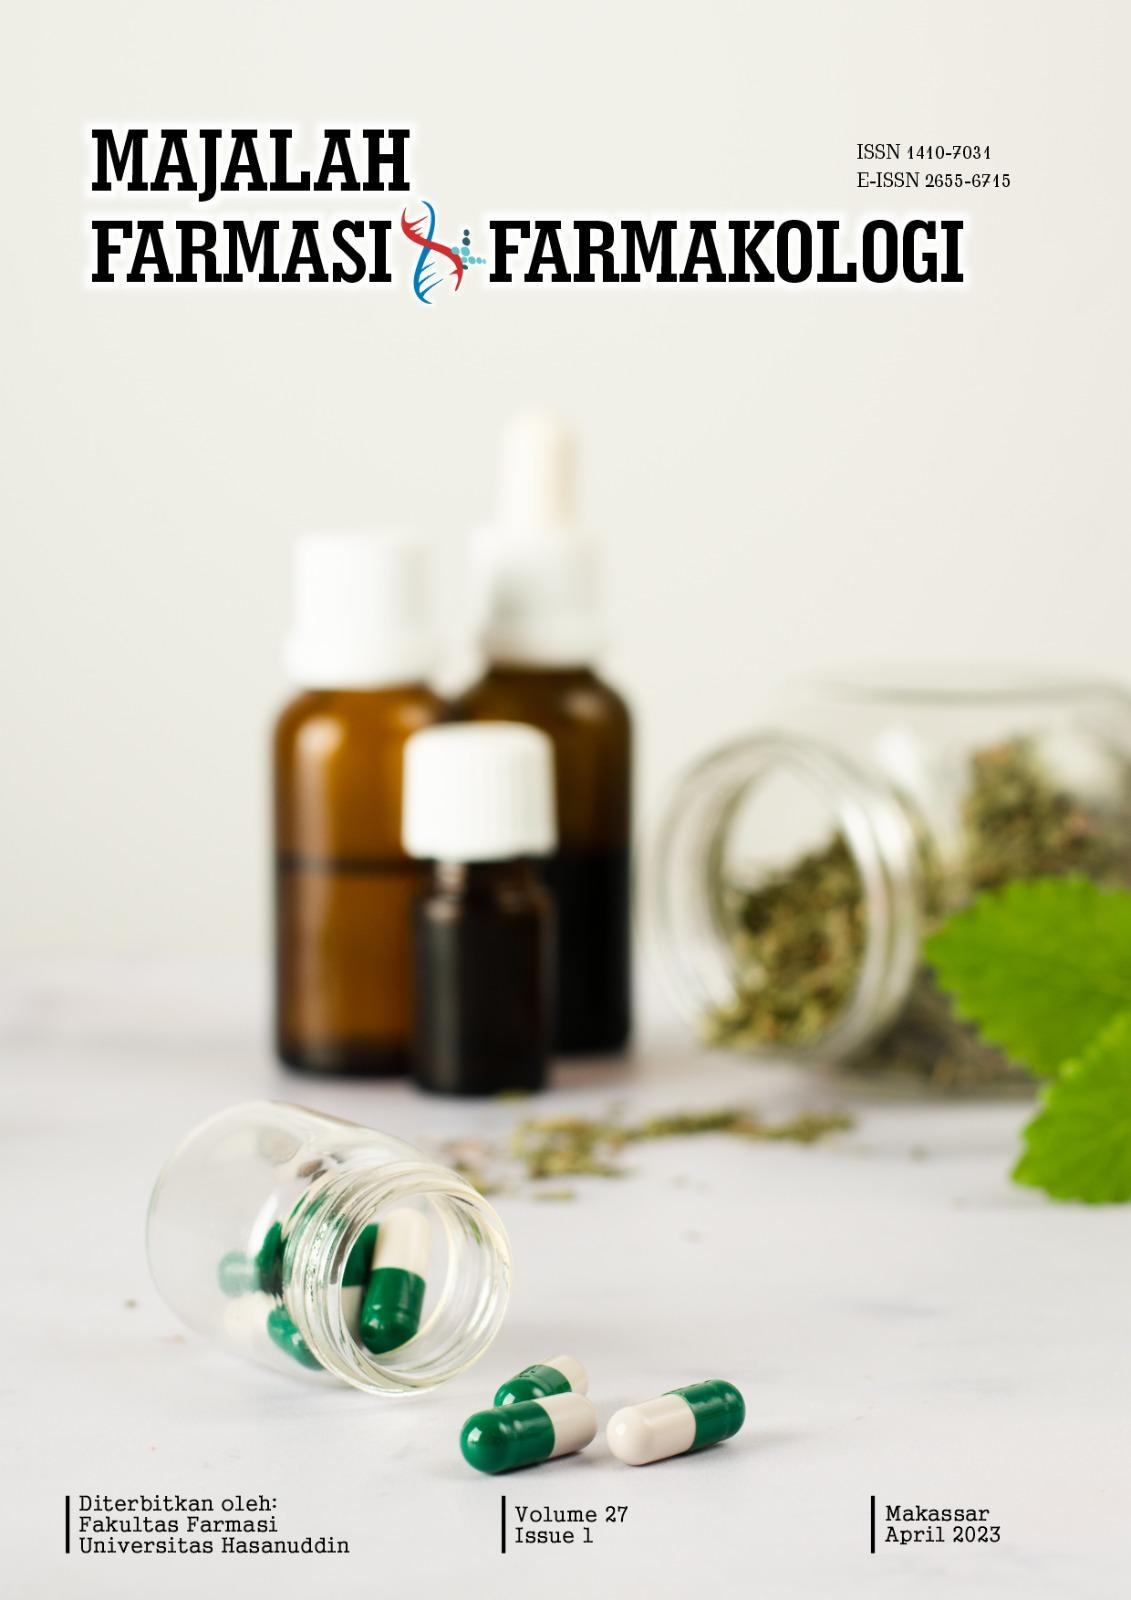 MAJALAH FARMASI DAN FARMAKOLOGI